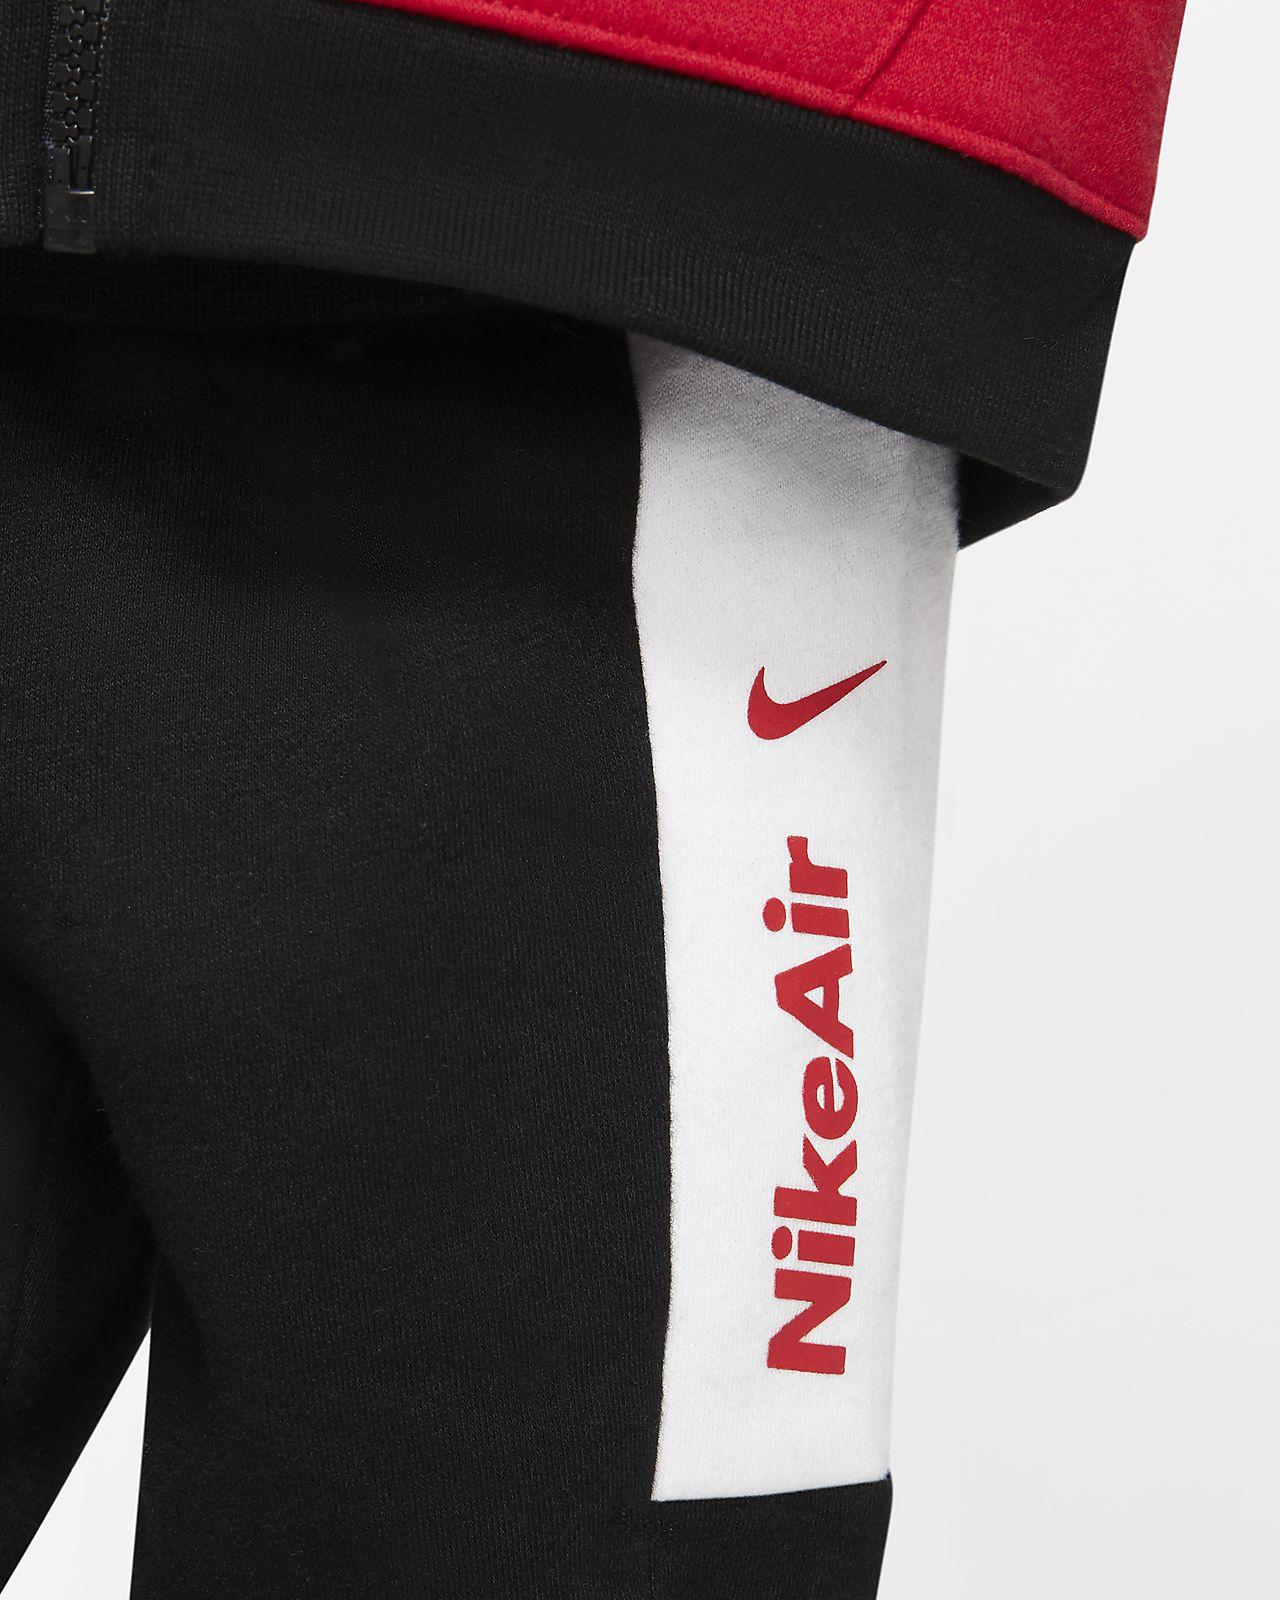 Nike Homme Air max Survêtement Pantalon De Survêtement Sweat